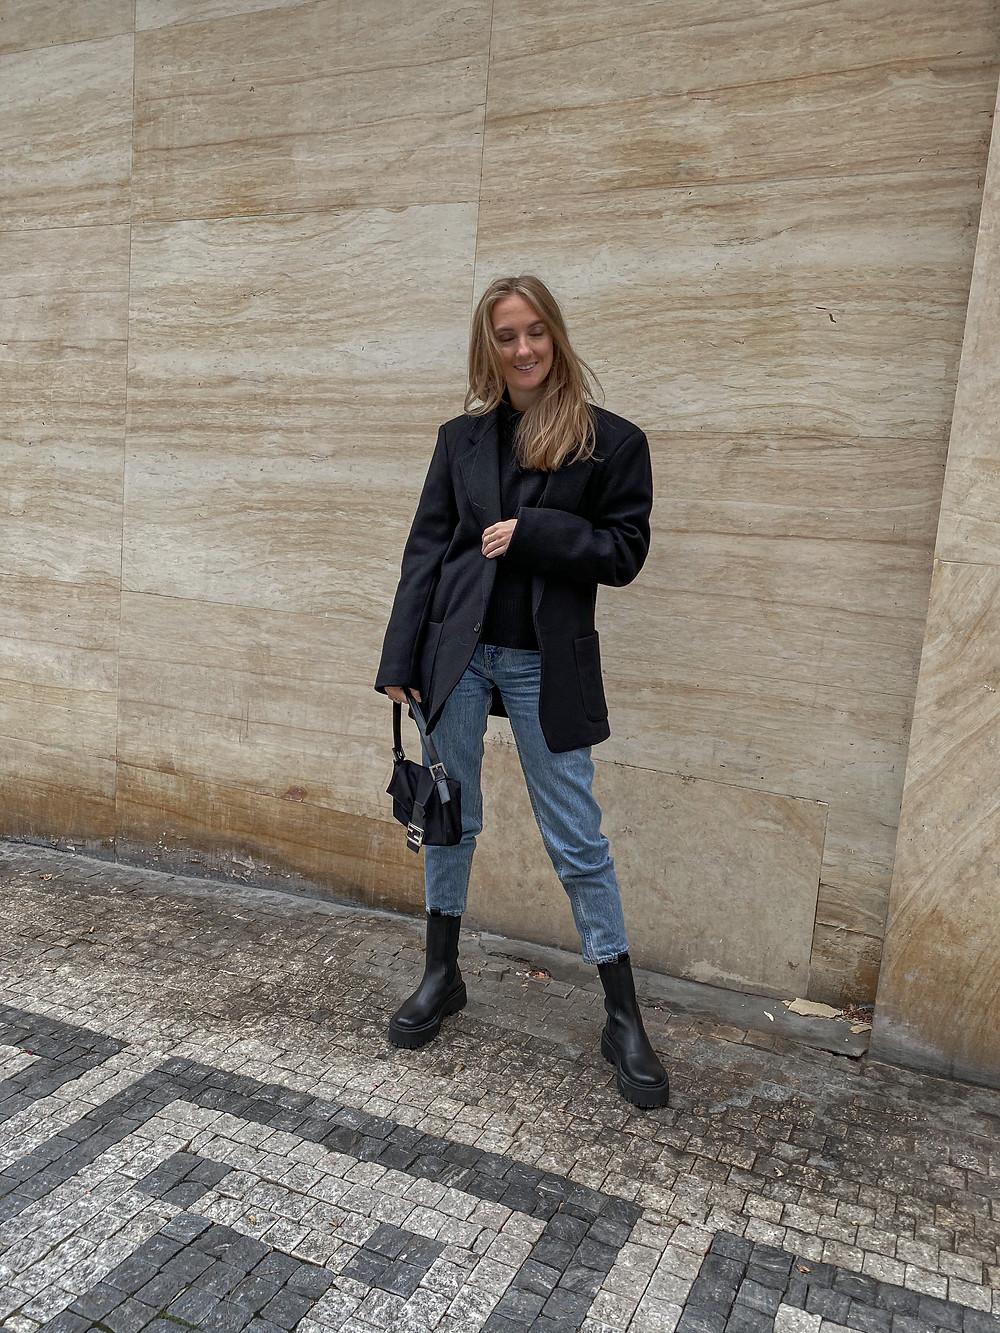 Zbytek outfitu se skládá z kabátového saka z Textil house za 20 kč (!!!), vlněný svetr s rolákem z Arket a džínů z Levi's. No a vintage kabelky Fendi.